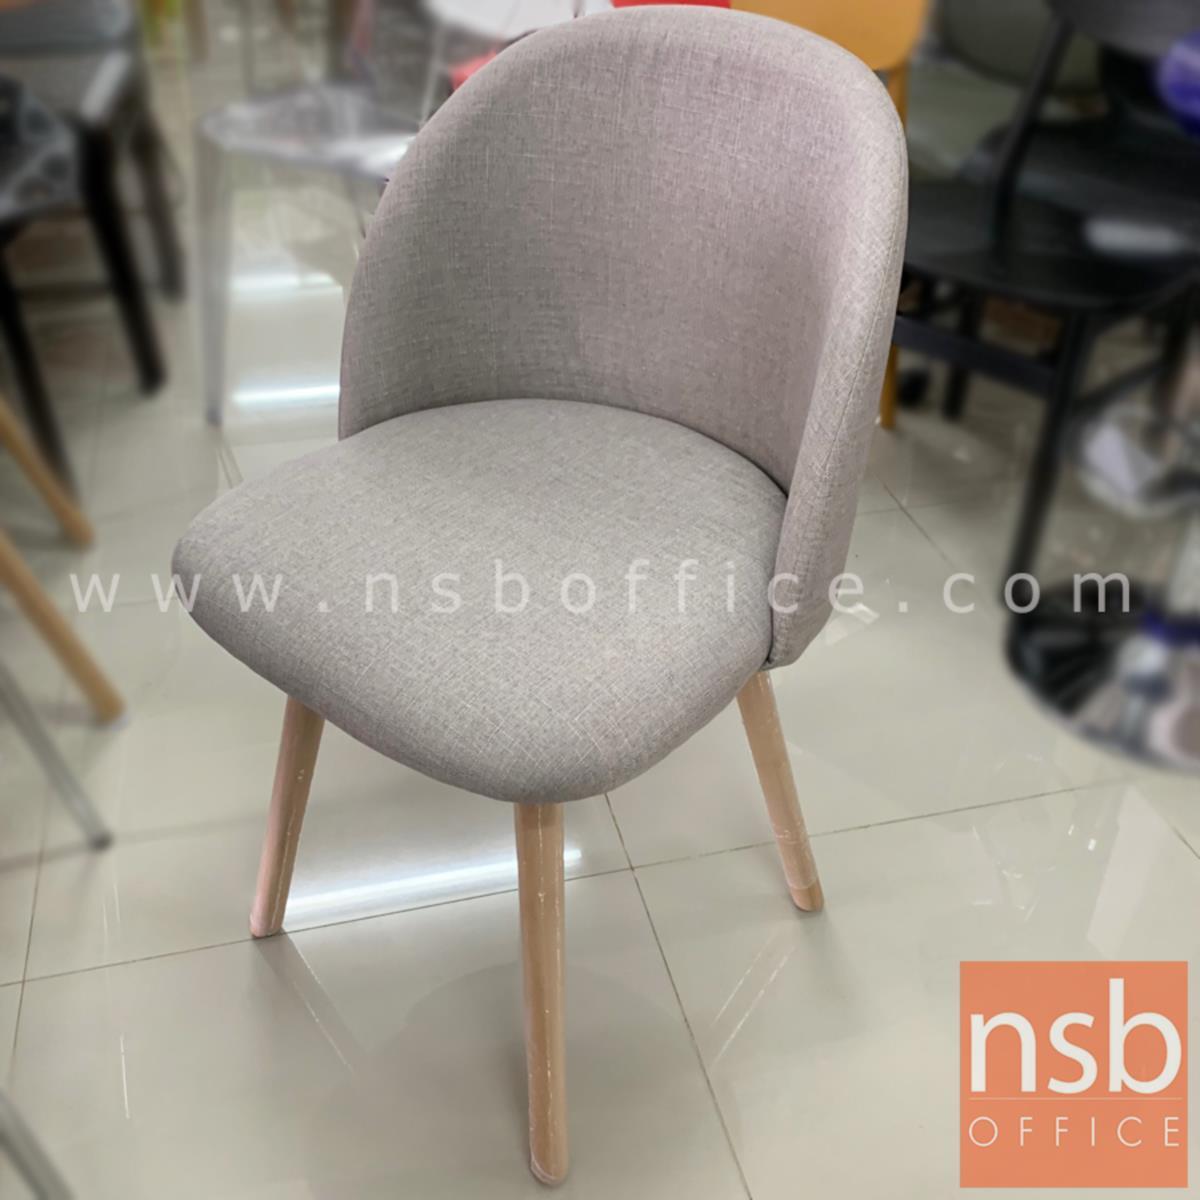 เก้าอี้โมเดิร์นหุ้มผ้า รุ่น SF-3155 ขนาด 48W cm. โครงขาไม้